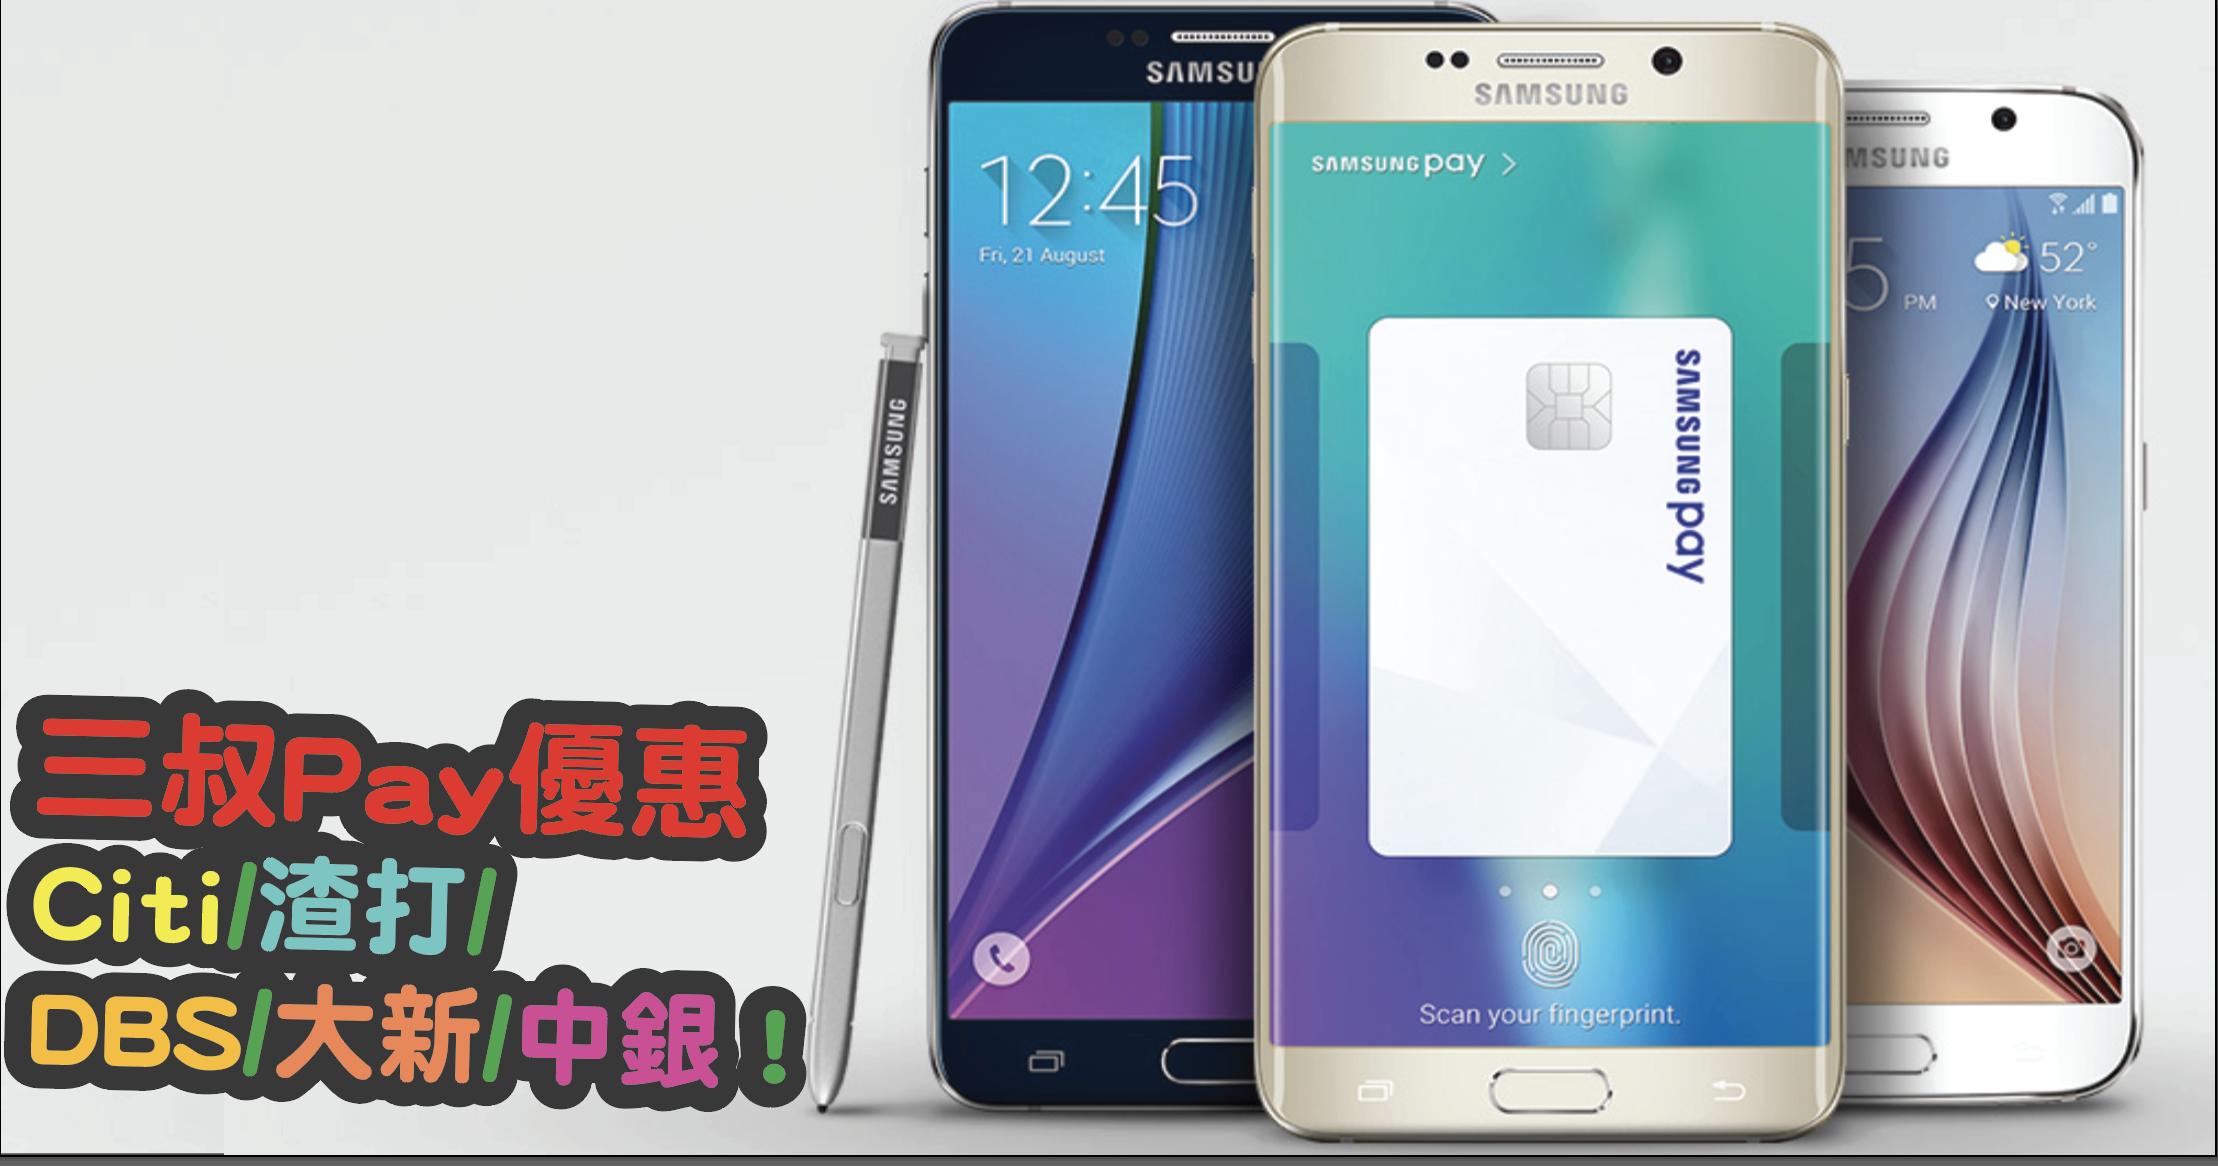 三叔Pay (Samsung Pay) 優惠 (Citi/渣打/DBS/大新/中銀)!無三叔瘋都唔使驚,Citi Visa payWave都玩得!